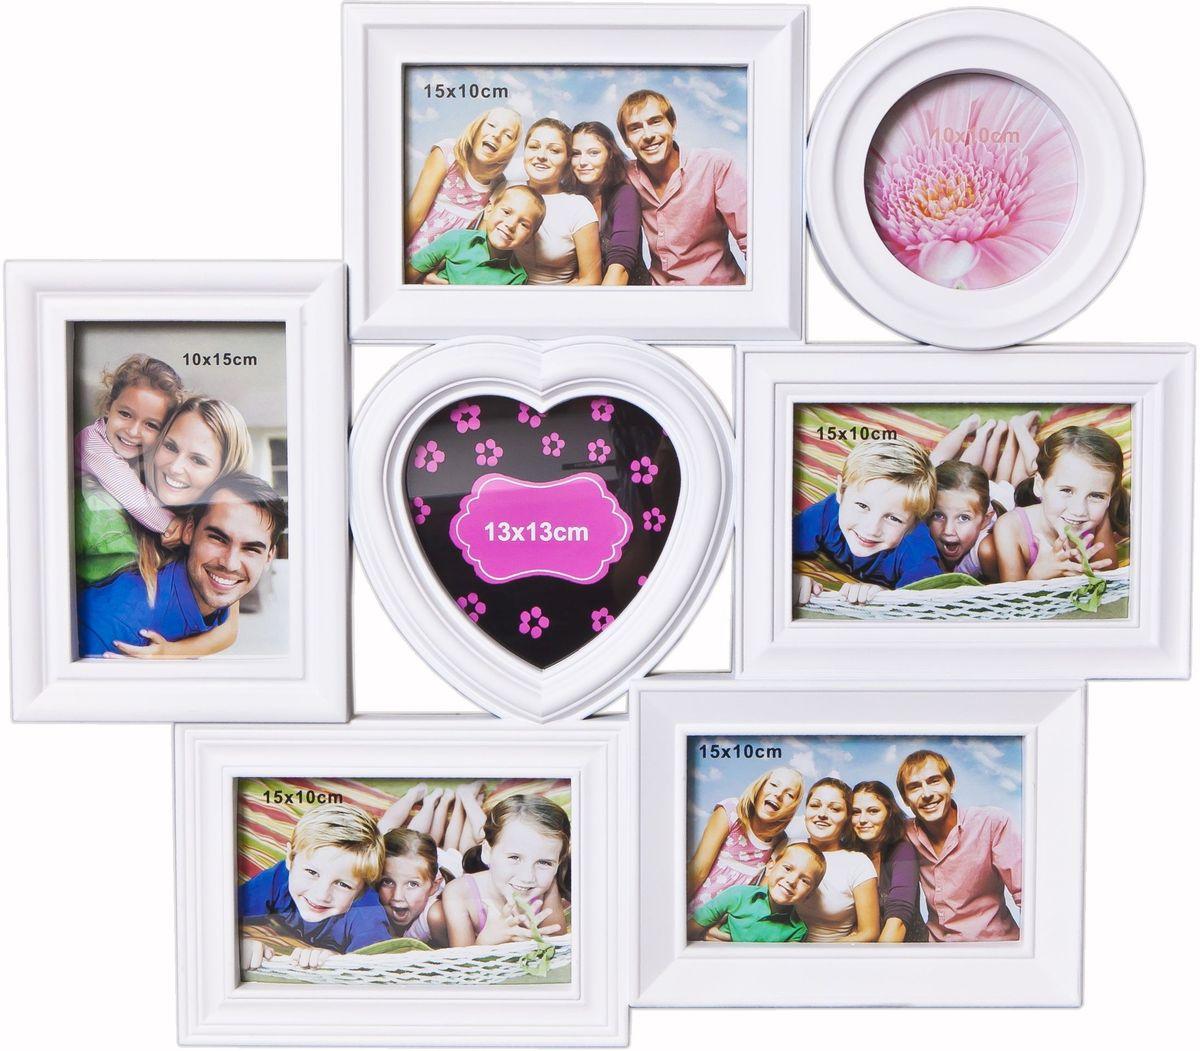 Фоторамка Platinum, цвет: белый, на 7 фото. BH-1317U210DFФоторамка Platinum - прекрасный способ красиво оформить ваши фотографии. Фоторамка выполнена из пластика и защищена стеклом. Фоторамка-коллаж представляет собой семь фоторамок для фото разного размера оригинально соединенных между собой. Такая фоторамка поможет сохранить в памяти самые яркие моменты вашей жизни, а стильный дизайн сделает ее прекрасным дополнением интерьера комнаты. Фоторамка подходит для 1 фото 10 х 10 см, 5 фото 10 х 15 см и 1 фото 13 х 13 см.Общий размер фоторамки: 49 х 43 см.